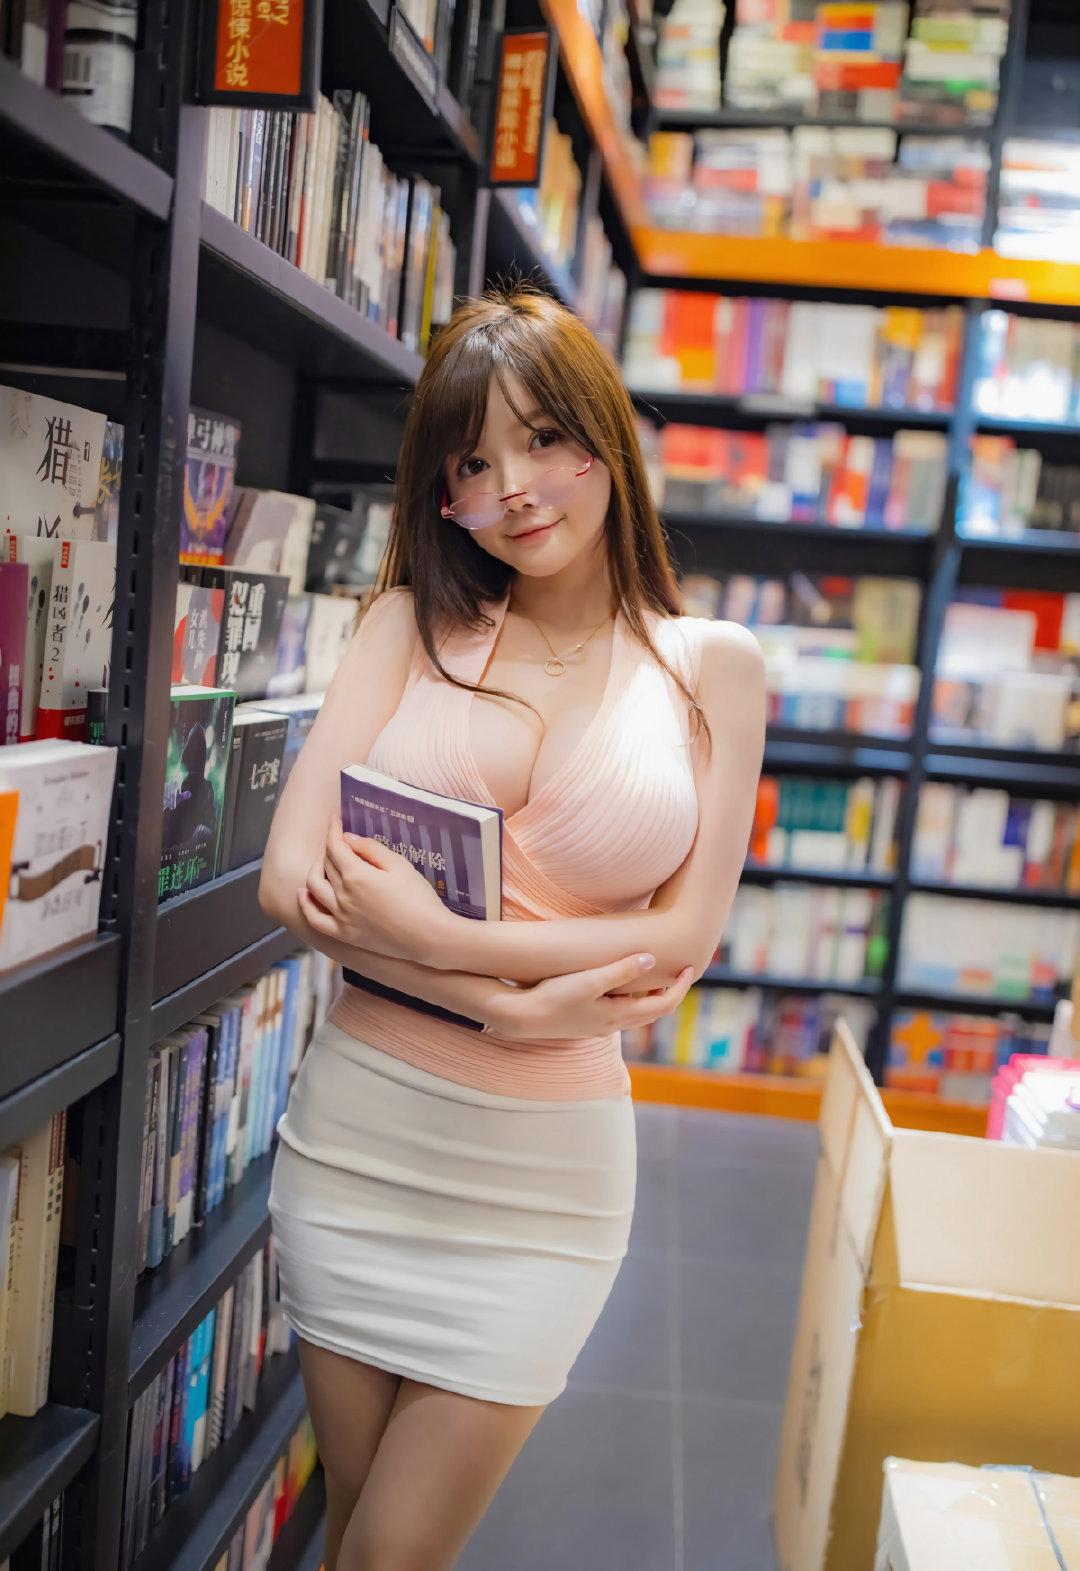 想去图书馆了吗? 第3张